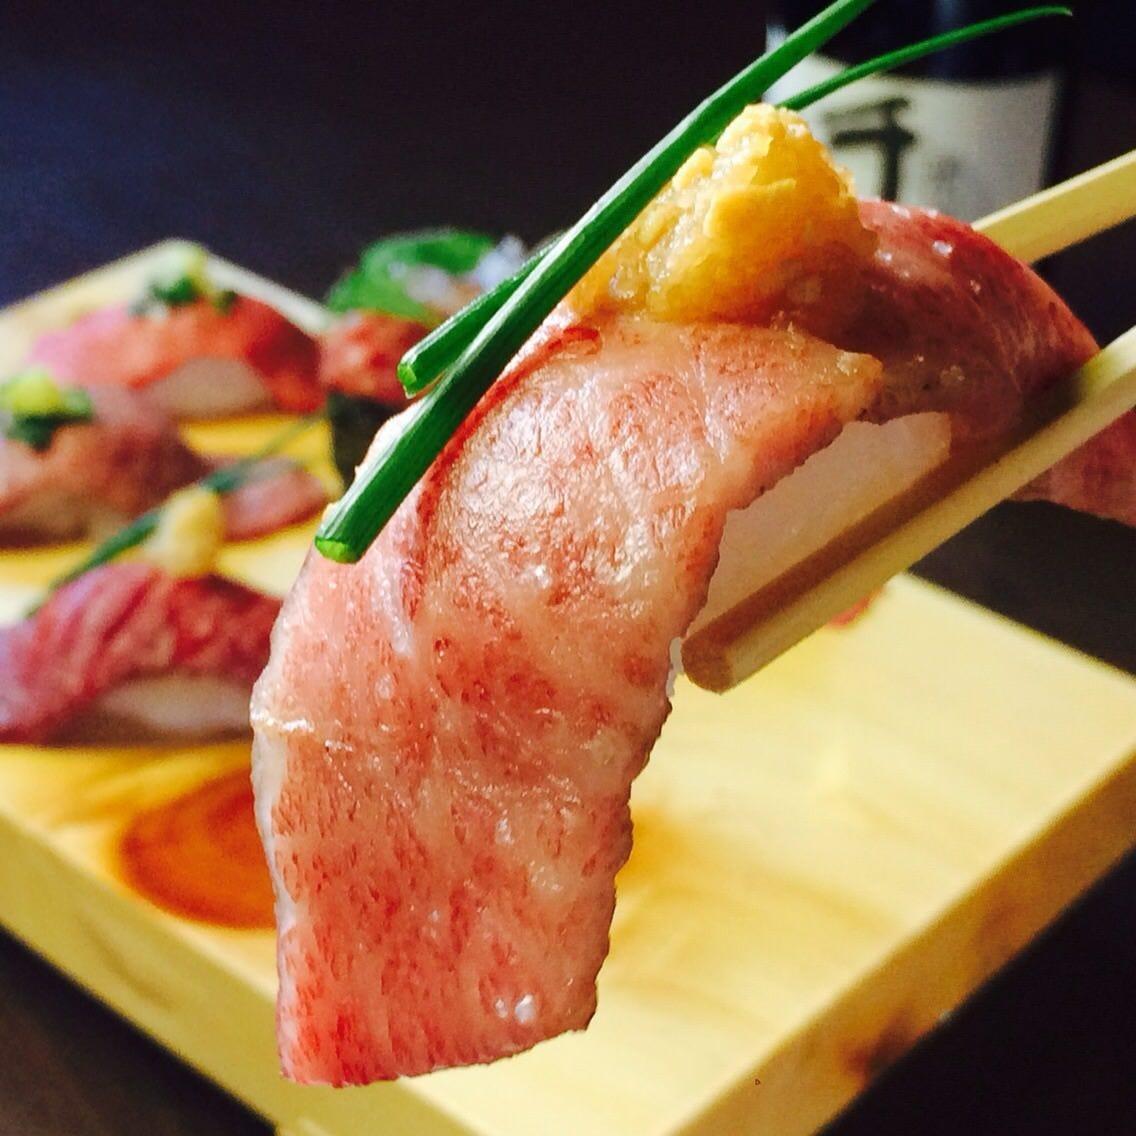 肉寿司始めました!お肉の甘みとシャリのバランスがまさに絶品♪